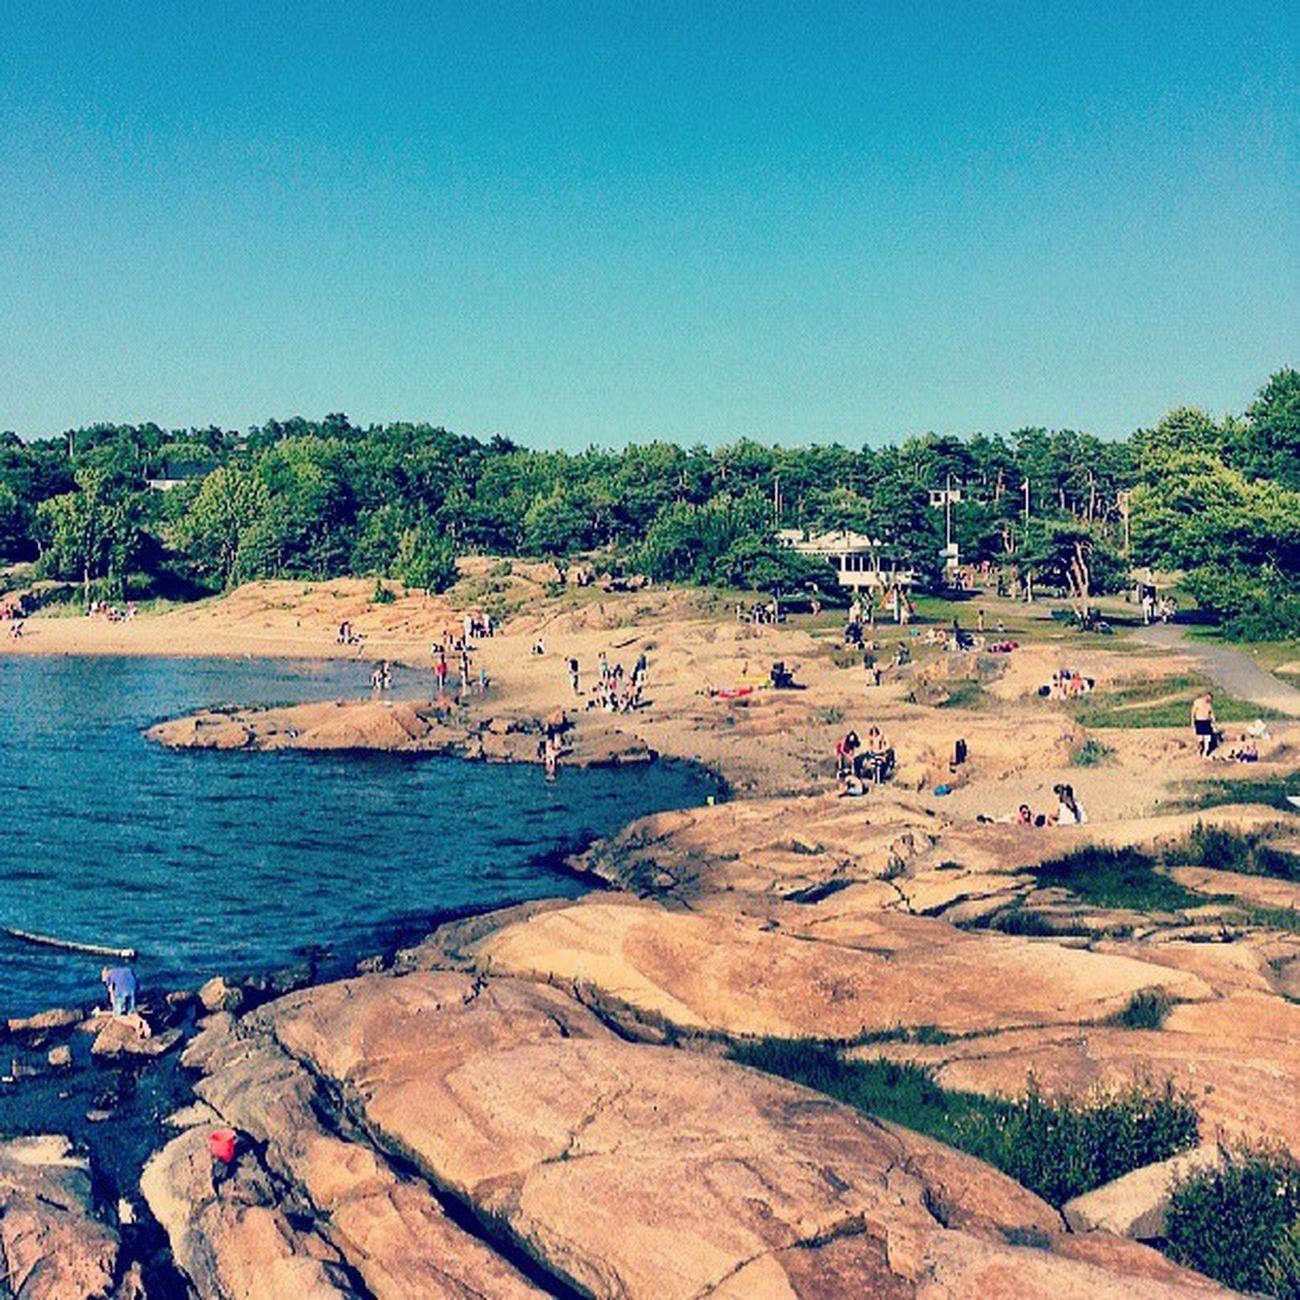 Una playa noruega en verano es lo más, esa fusión de montaña y costa me puede. Noruega Norway Norge Playa Beach Montaña Costa Summer Verano Cielo Sky Igers IgersOfTheDay BestOfTheDay Instagramers Instagood Forest Coast Shore